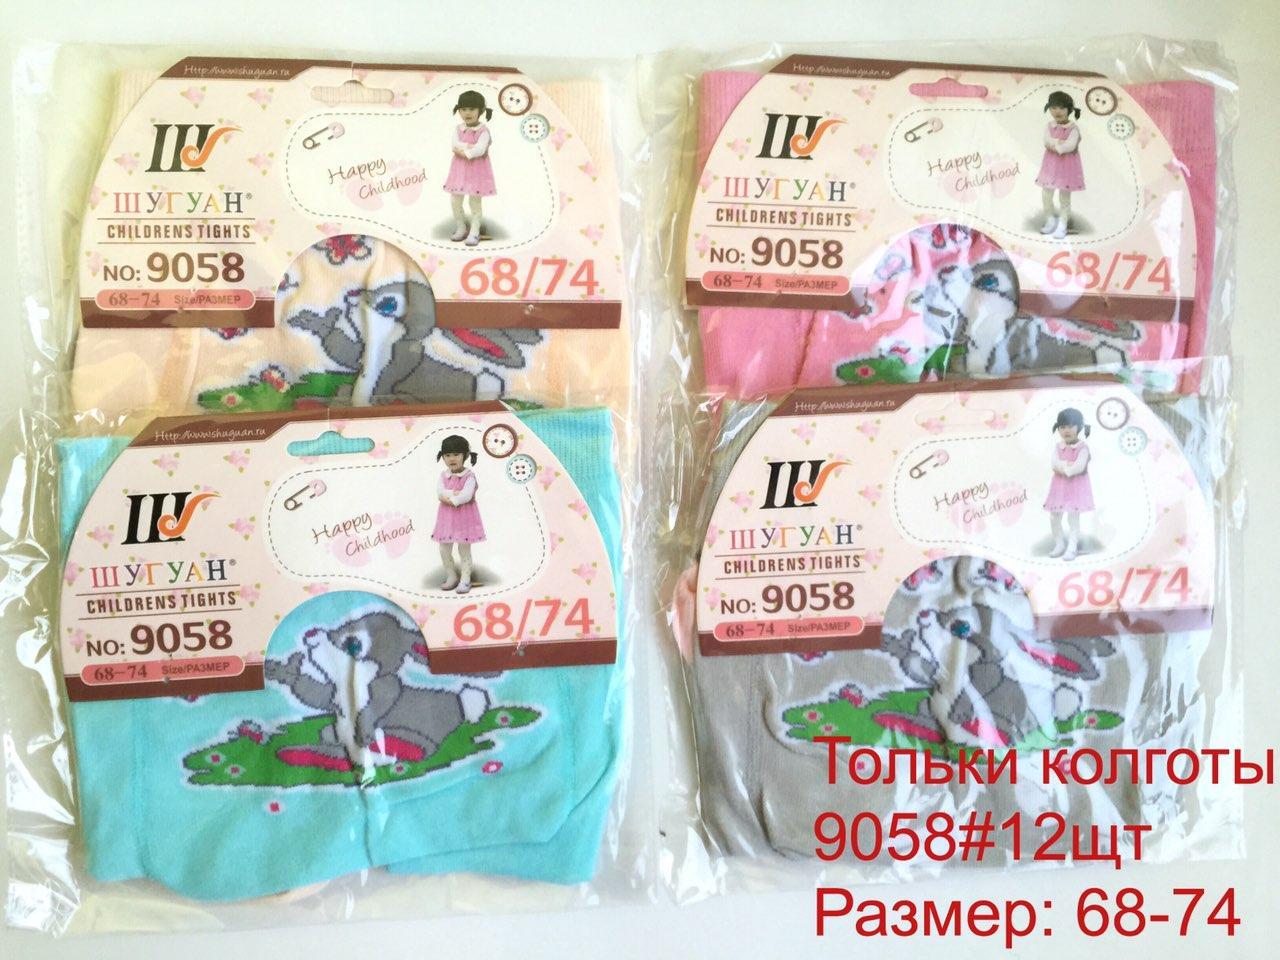 Детские колготы Шугуан Р.р 68-74